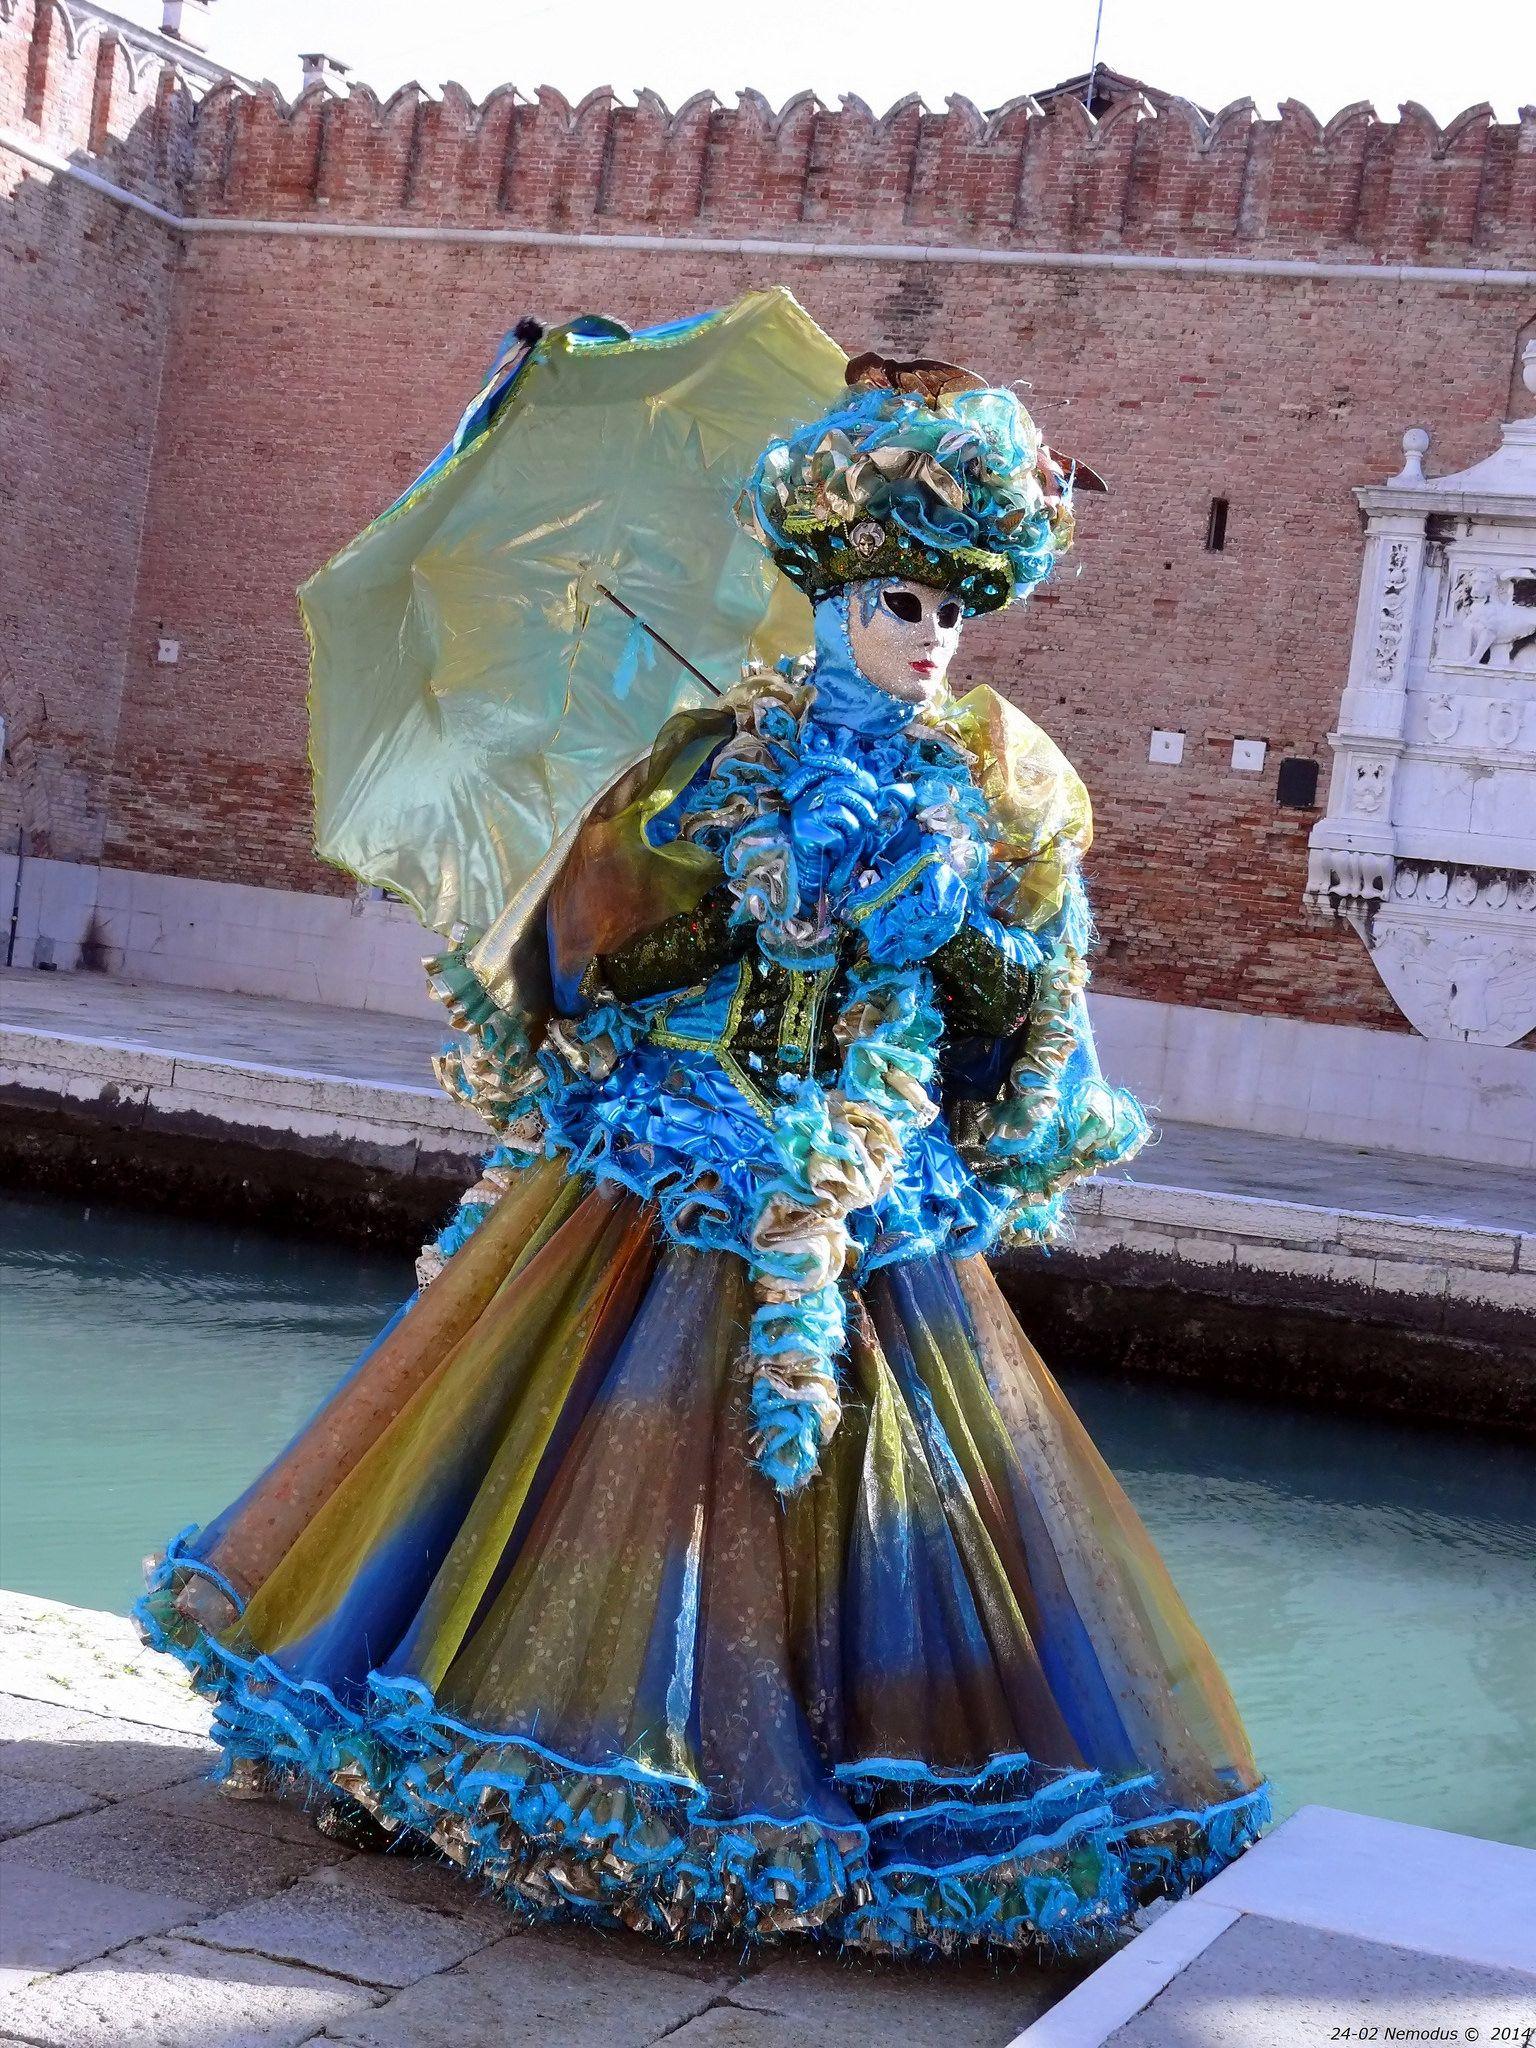 https://flic.kr/p/m4VNkA | Carnival of Venice 2014 - Carnevale di Venezia 2014 - Carnavale de Venise 2014 | Carnival of Venice 2014 - Carnevale di Venezia 2014 - Carnavale de Venise 2014